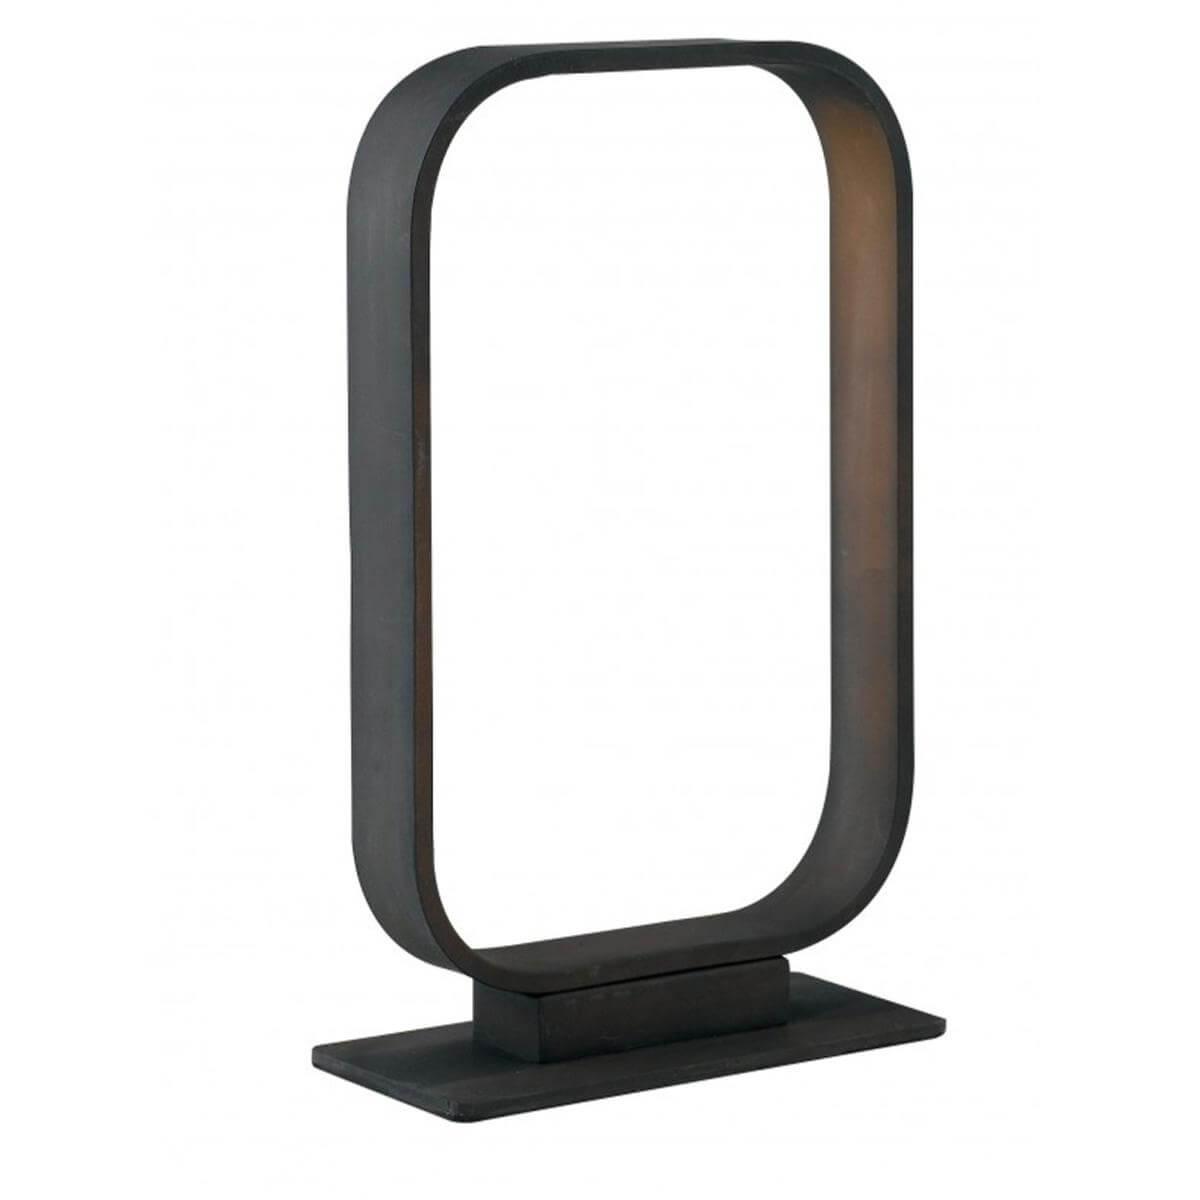 Design Lampe Couleur Brun Sur Aluminium Moka 5w En Pied Moderne Led lFc35uK1TJ